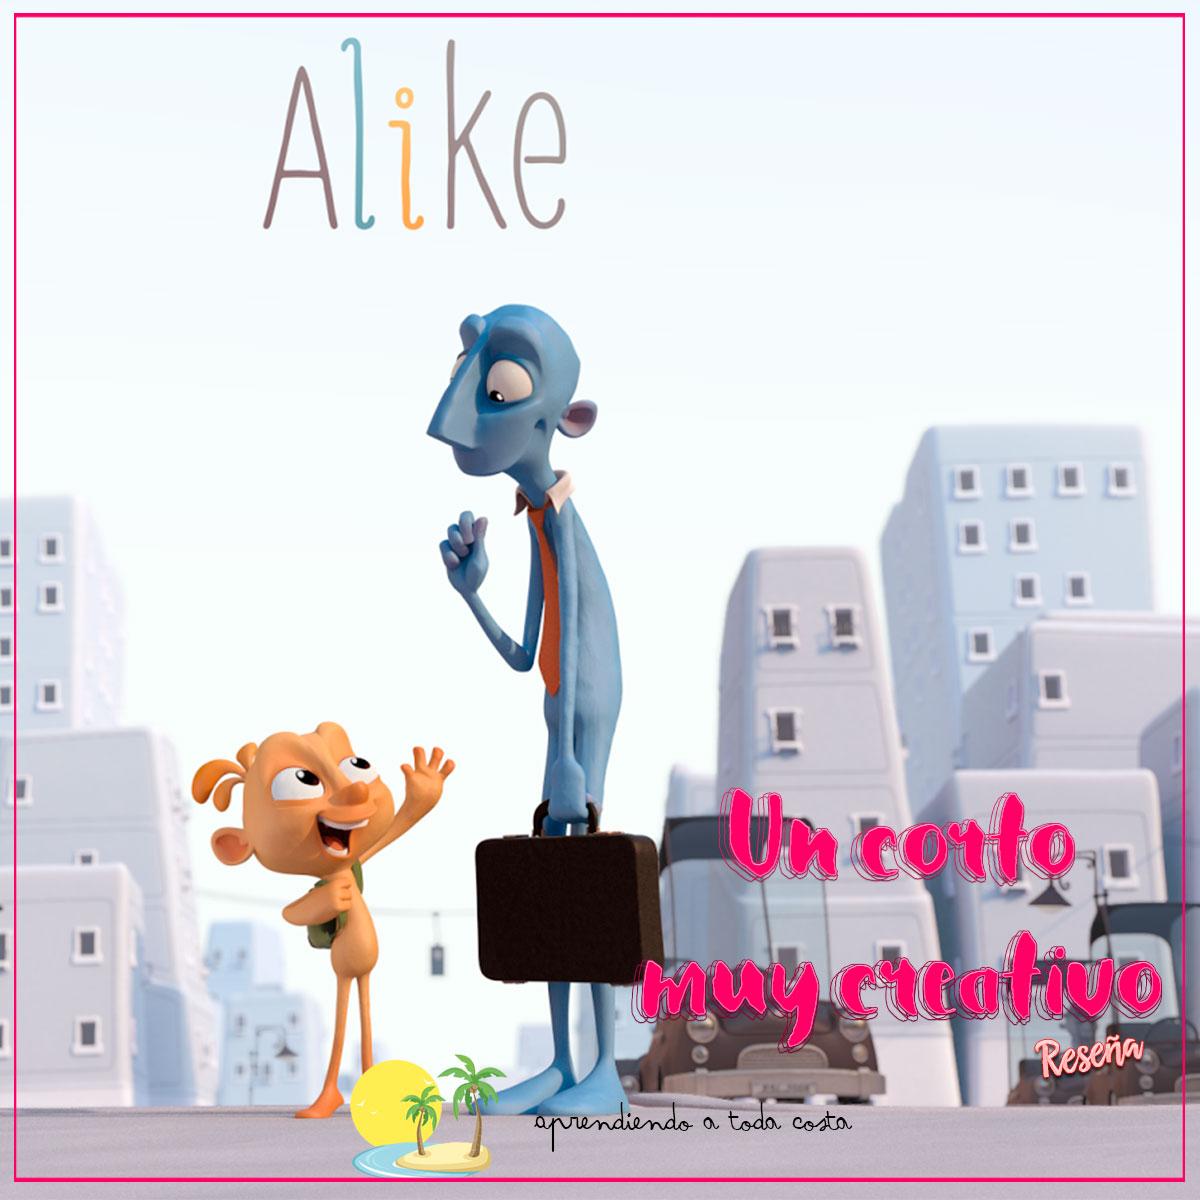 Alike, un corto muy creativo